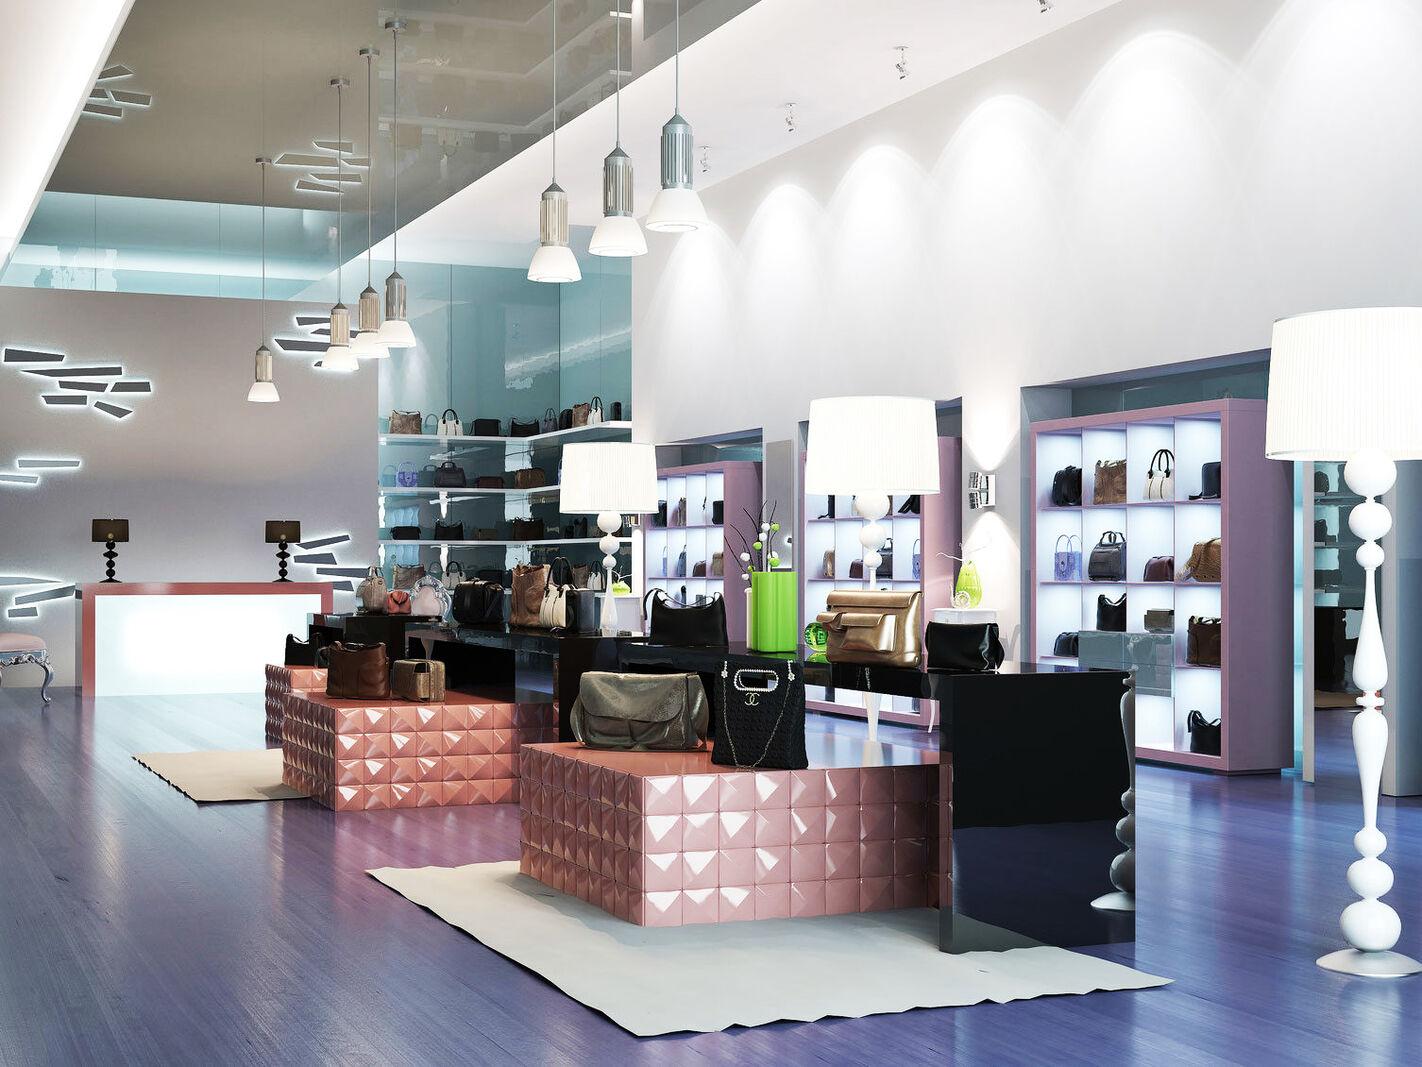 Come scegliere l illuminazione del negozio impianti